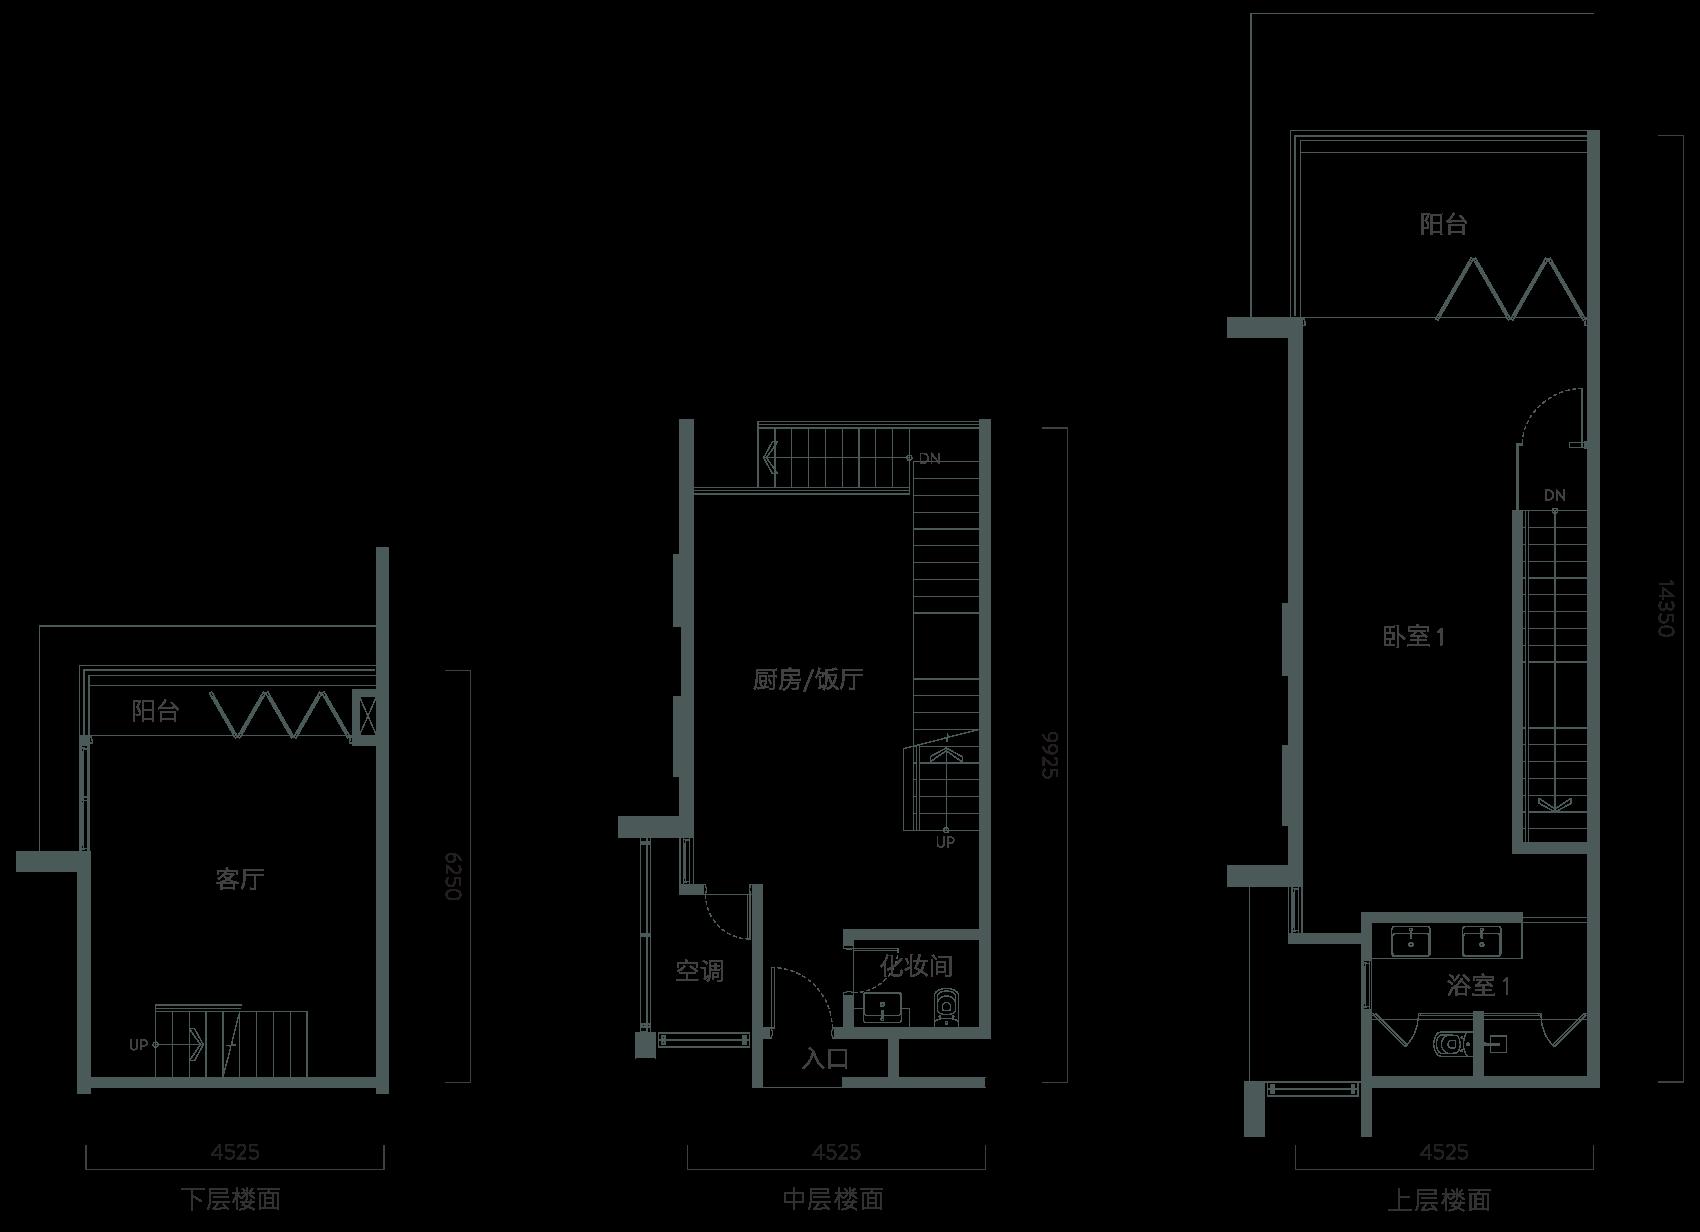 TC8(M) Floorplan